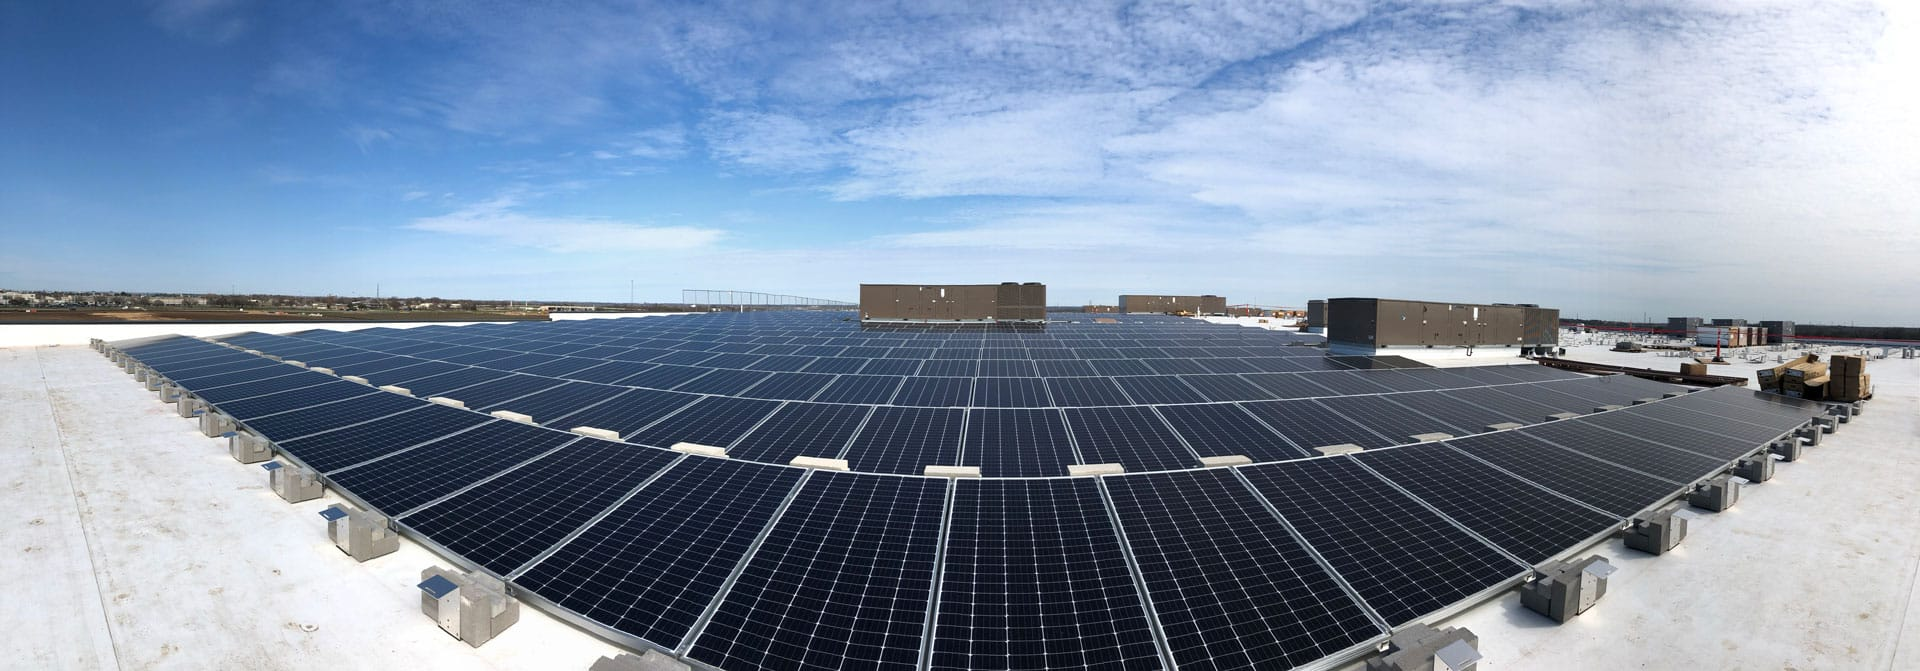 capsum largest commercial solar installation